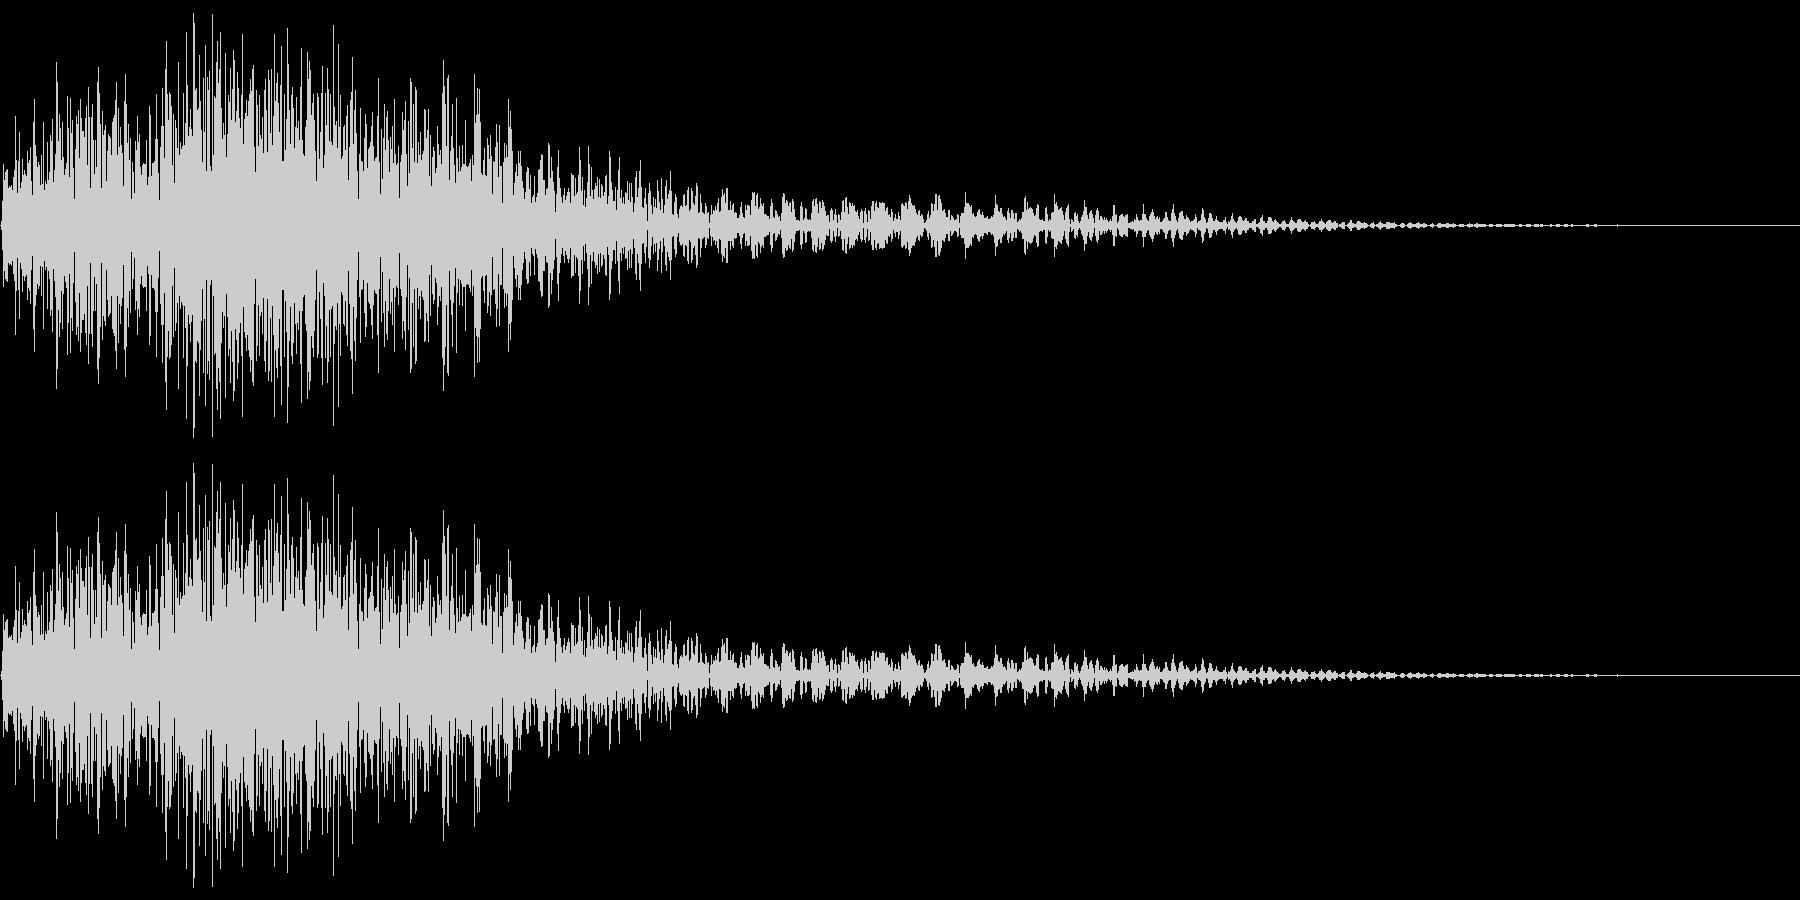 衝撃音(ギャン/ビャン)の未再生の波形